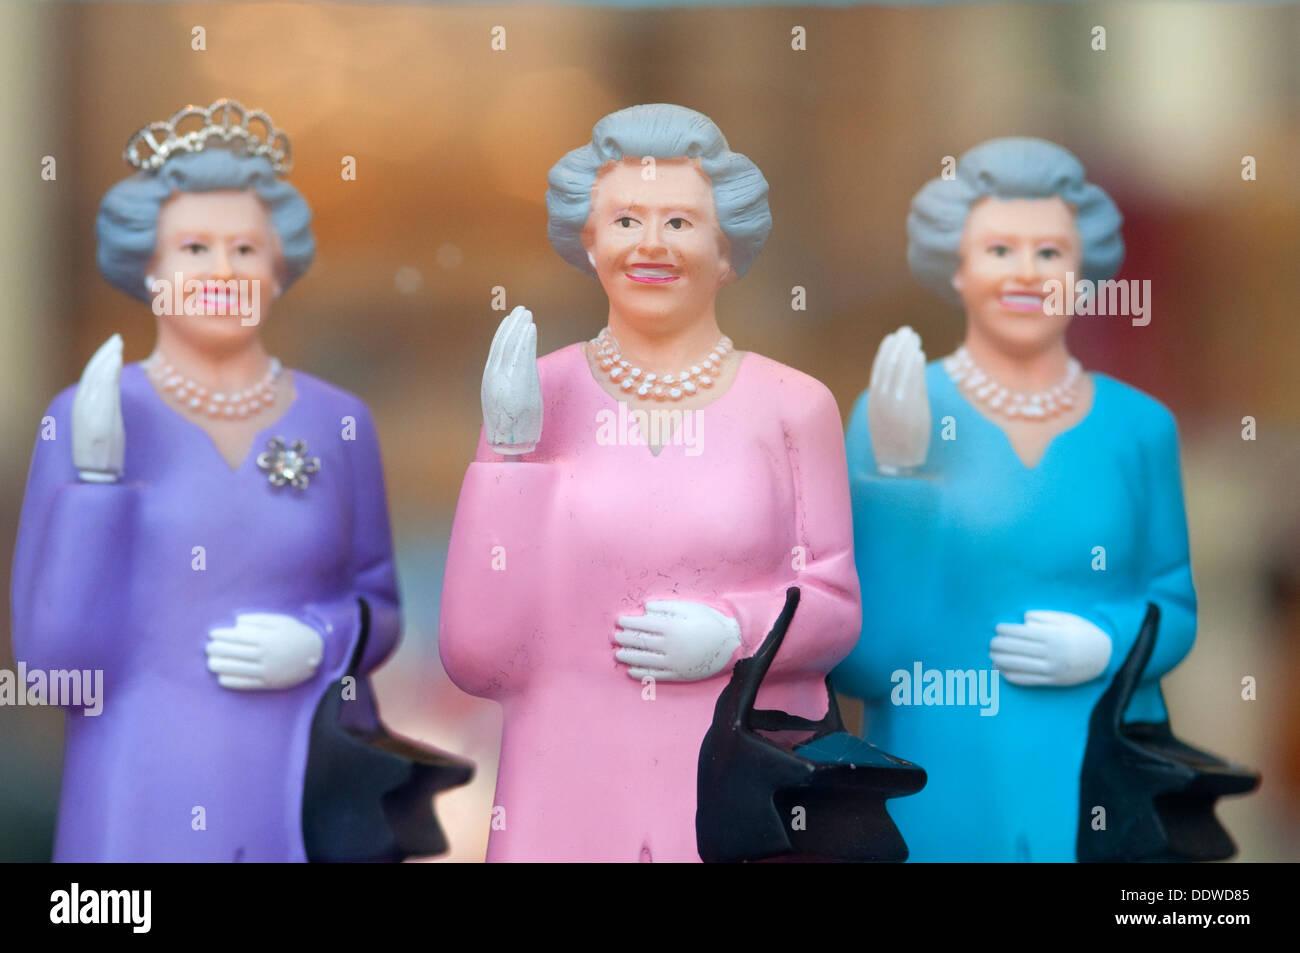 The Queen Waving Imágenes De Stock & The Queen Waving Fotos De Stock ...